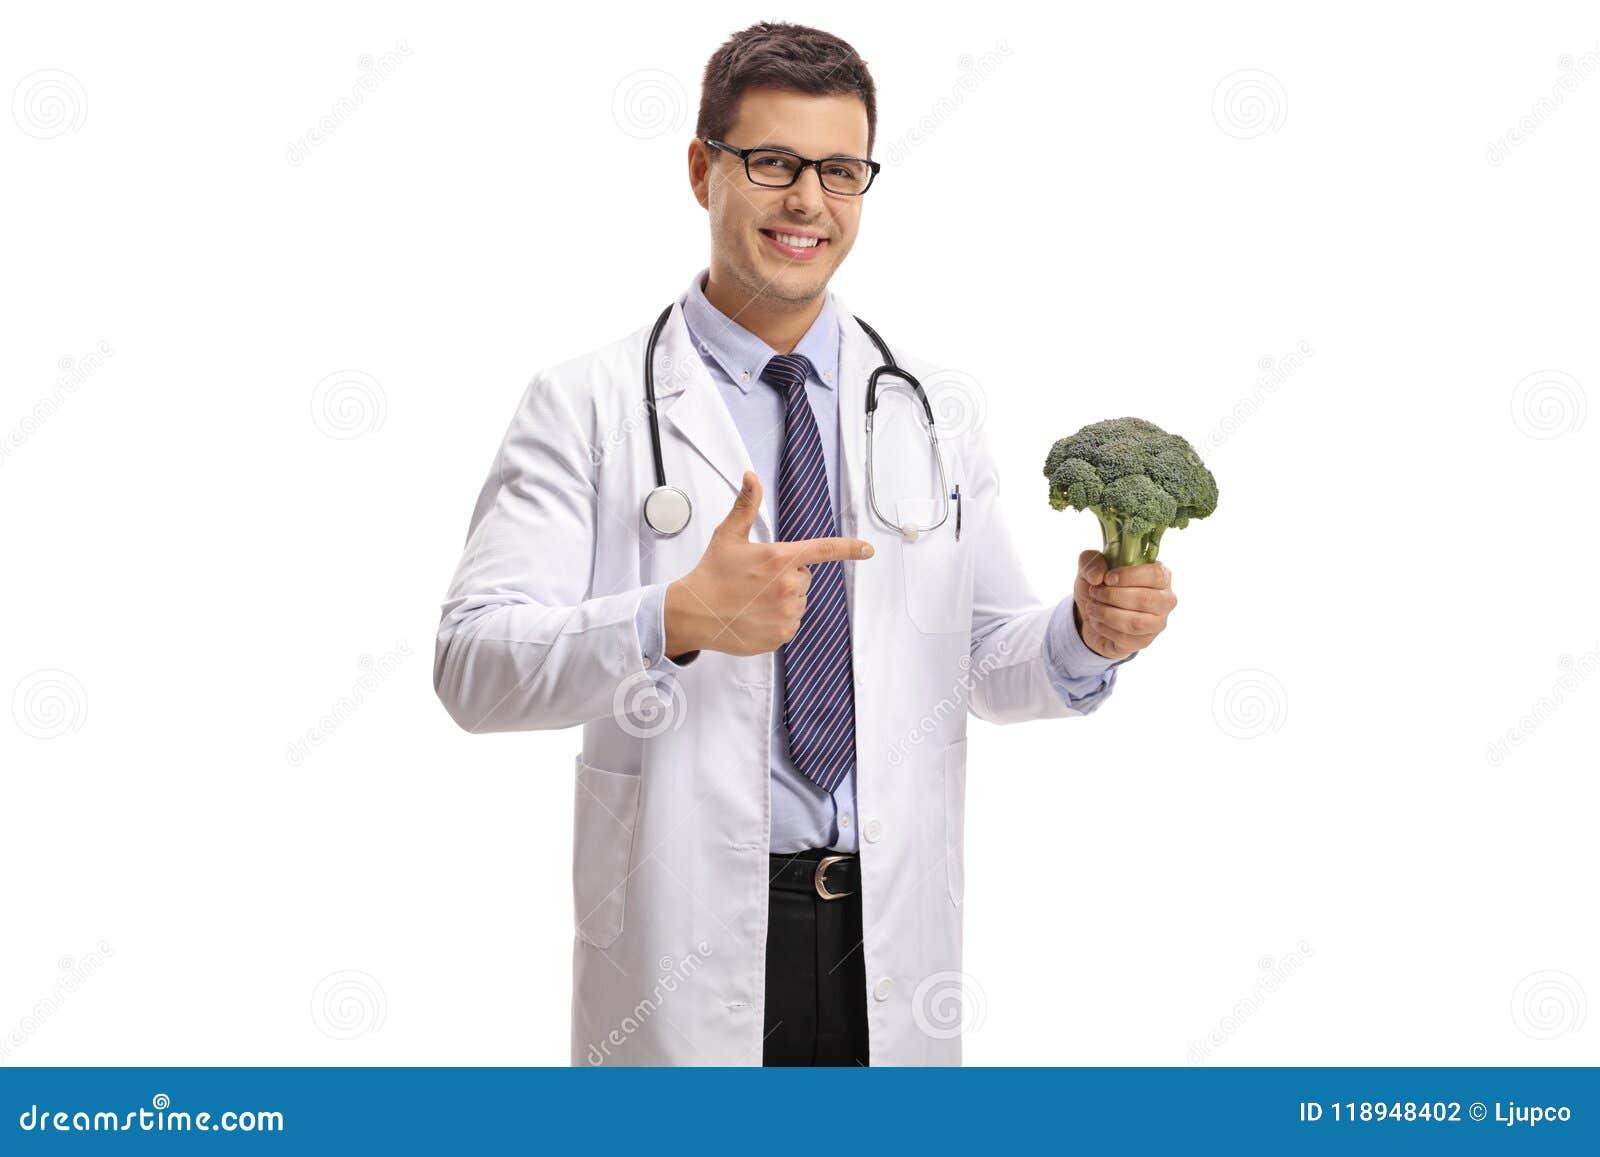 Doutor com apontar dos brócolis